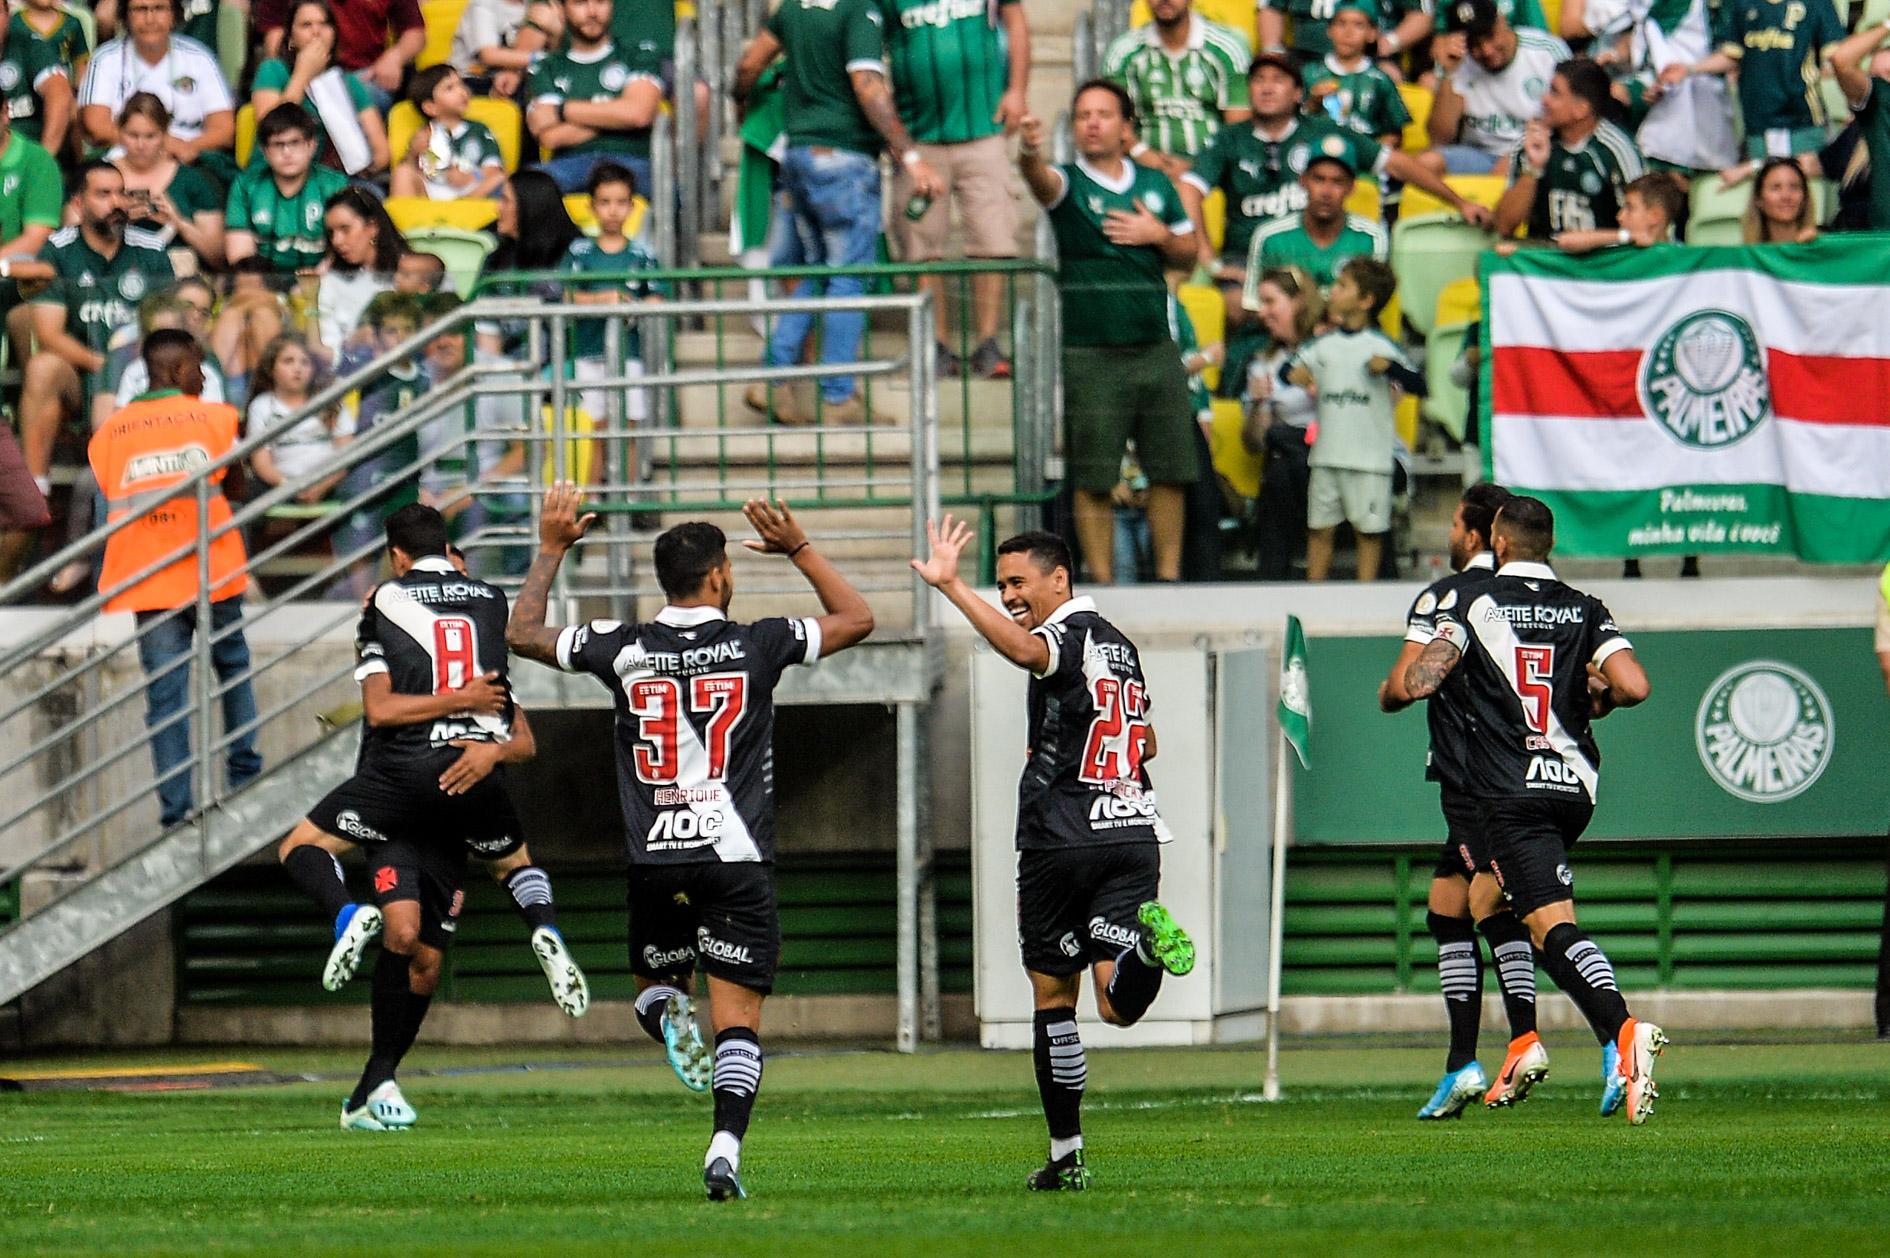 Palmeiras_X_Vasco_dudabairros_Agif_0543.